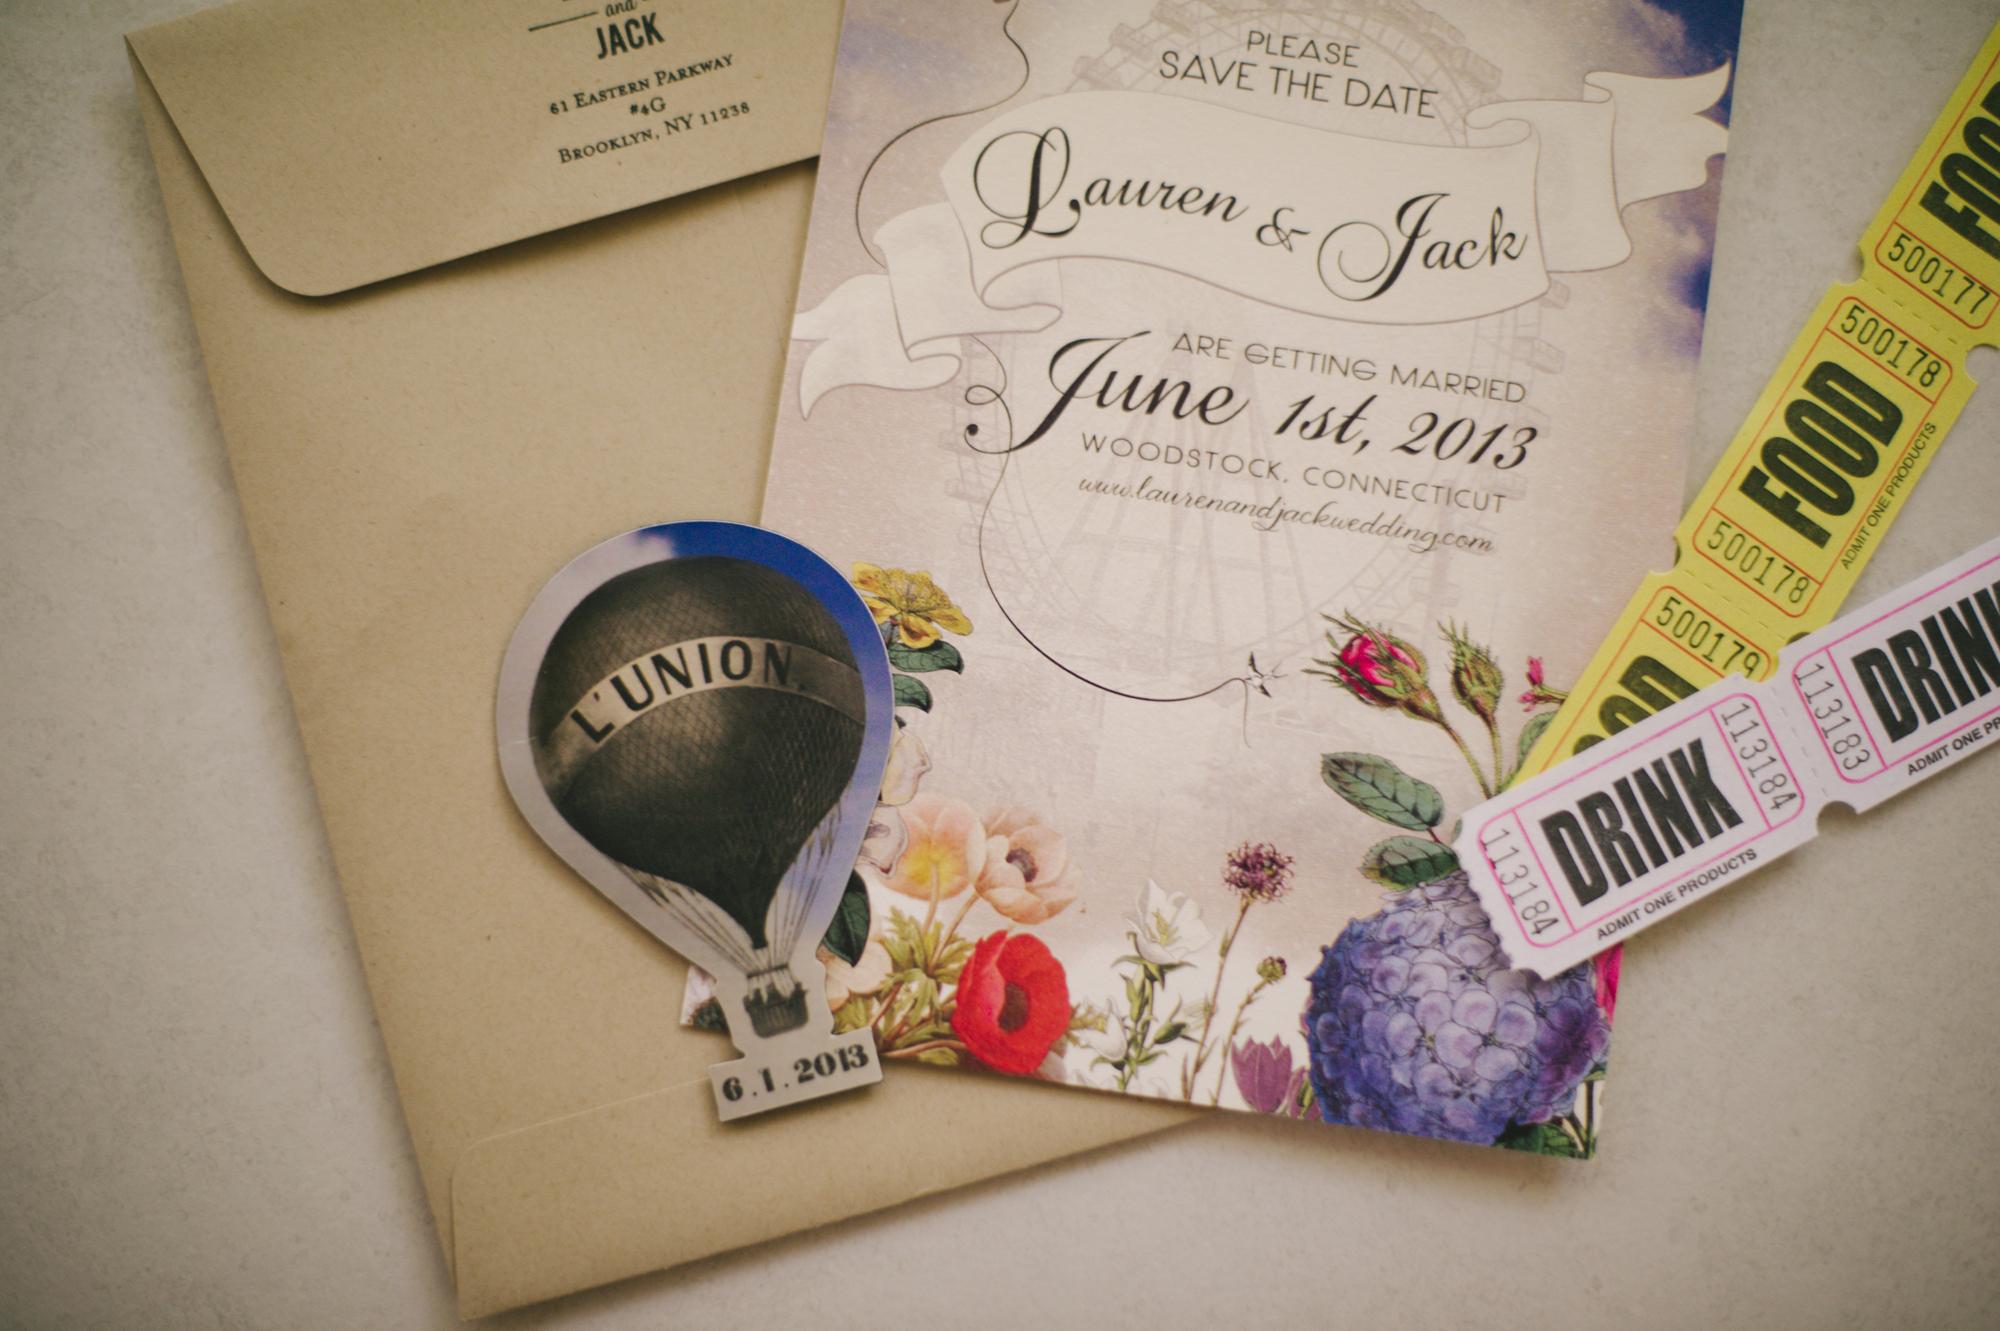 UA_Wedding_Invites_02.jpg